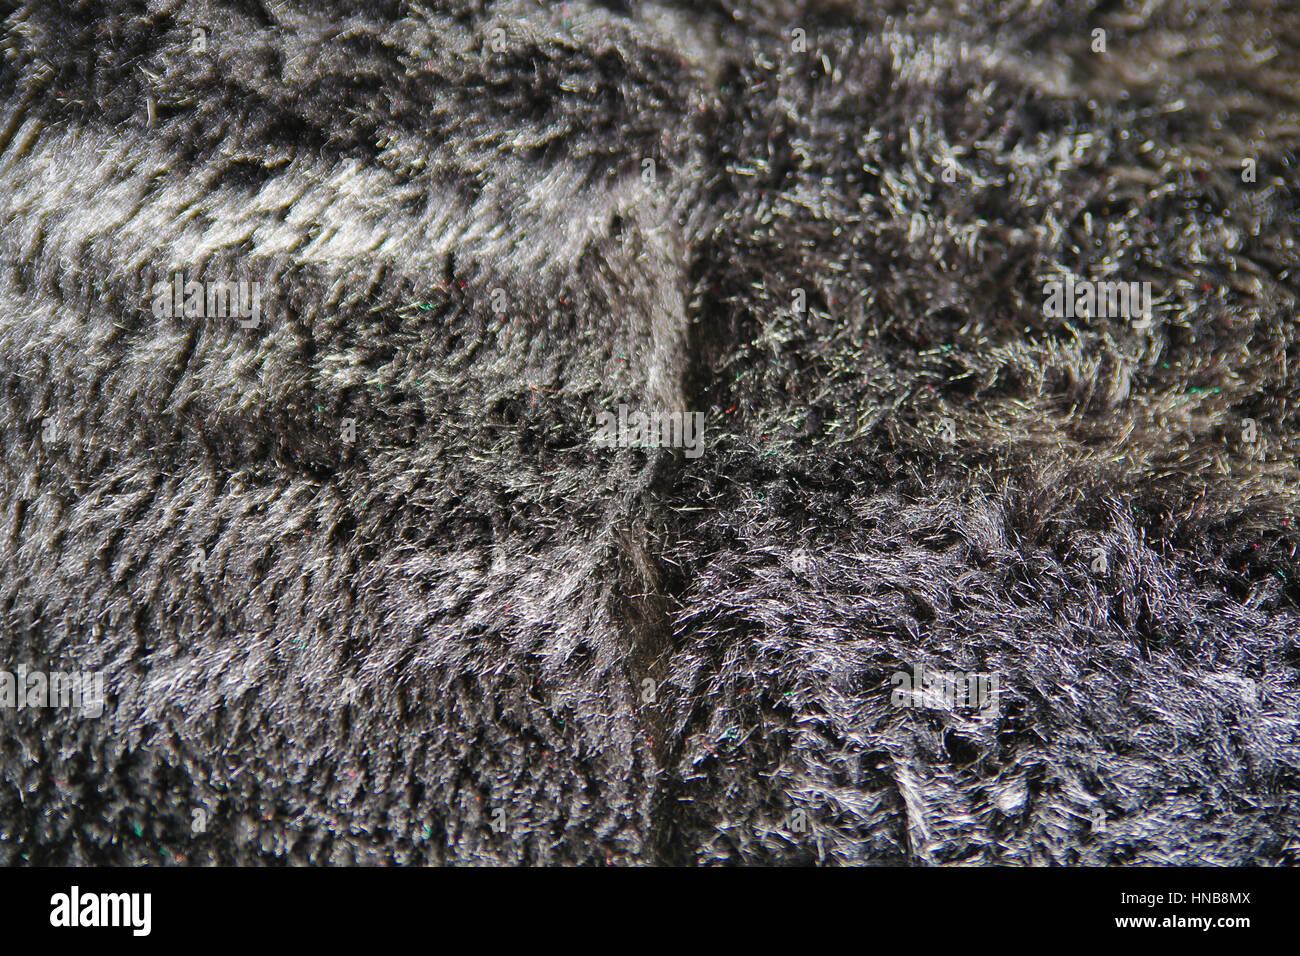 detail of fake fur garment - Stock Image